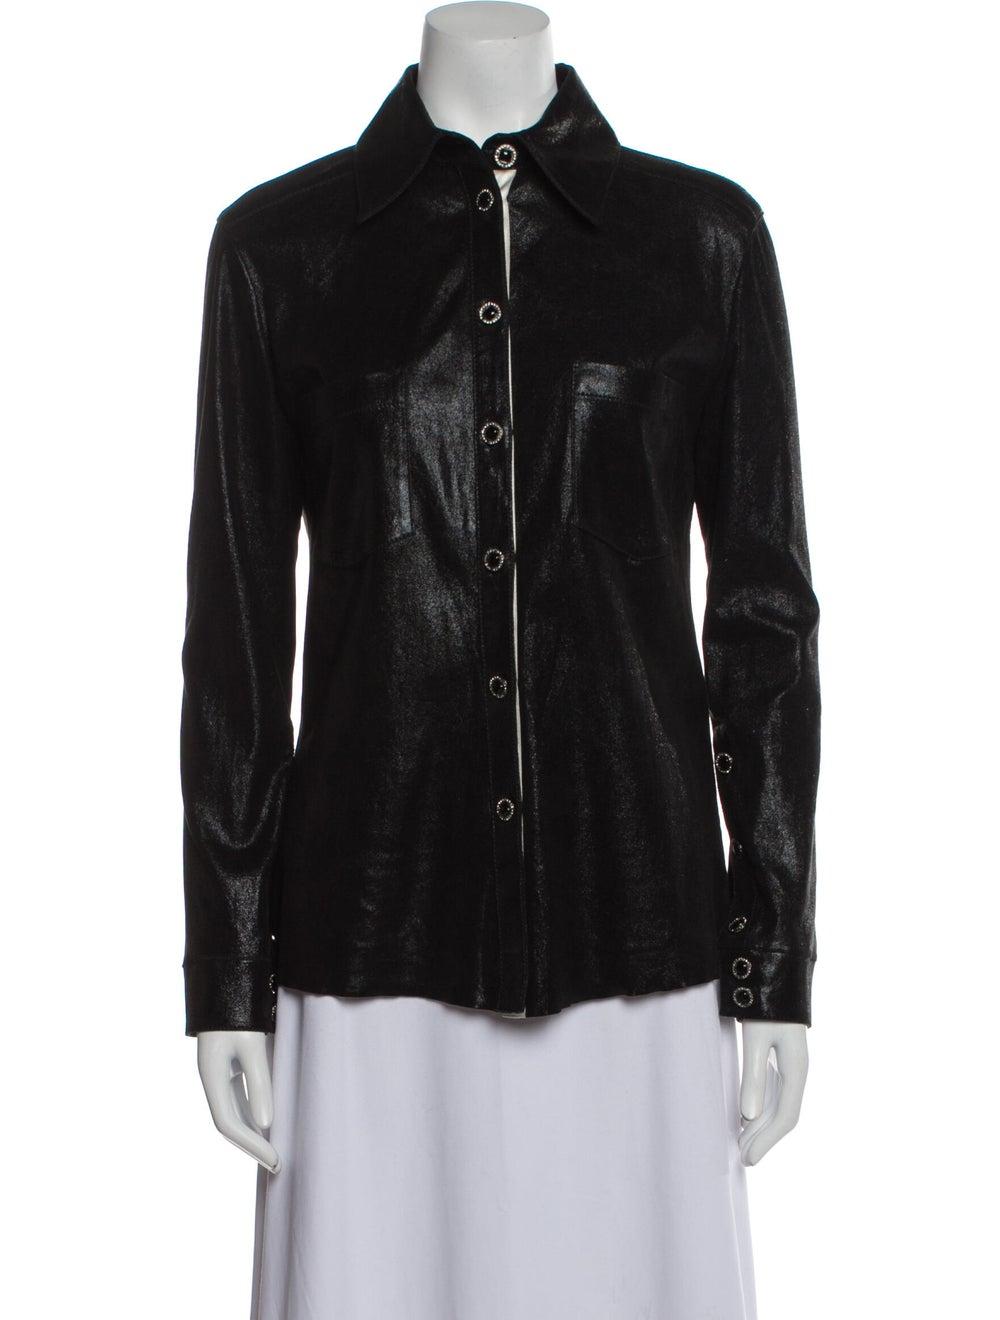 Chanel 2019 Jacket Black - image 1